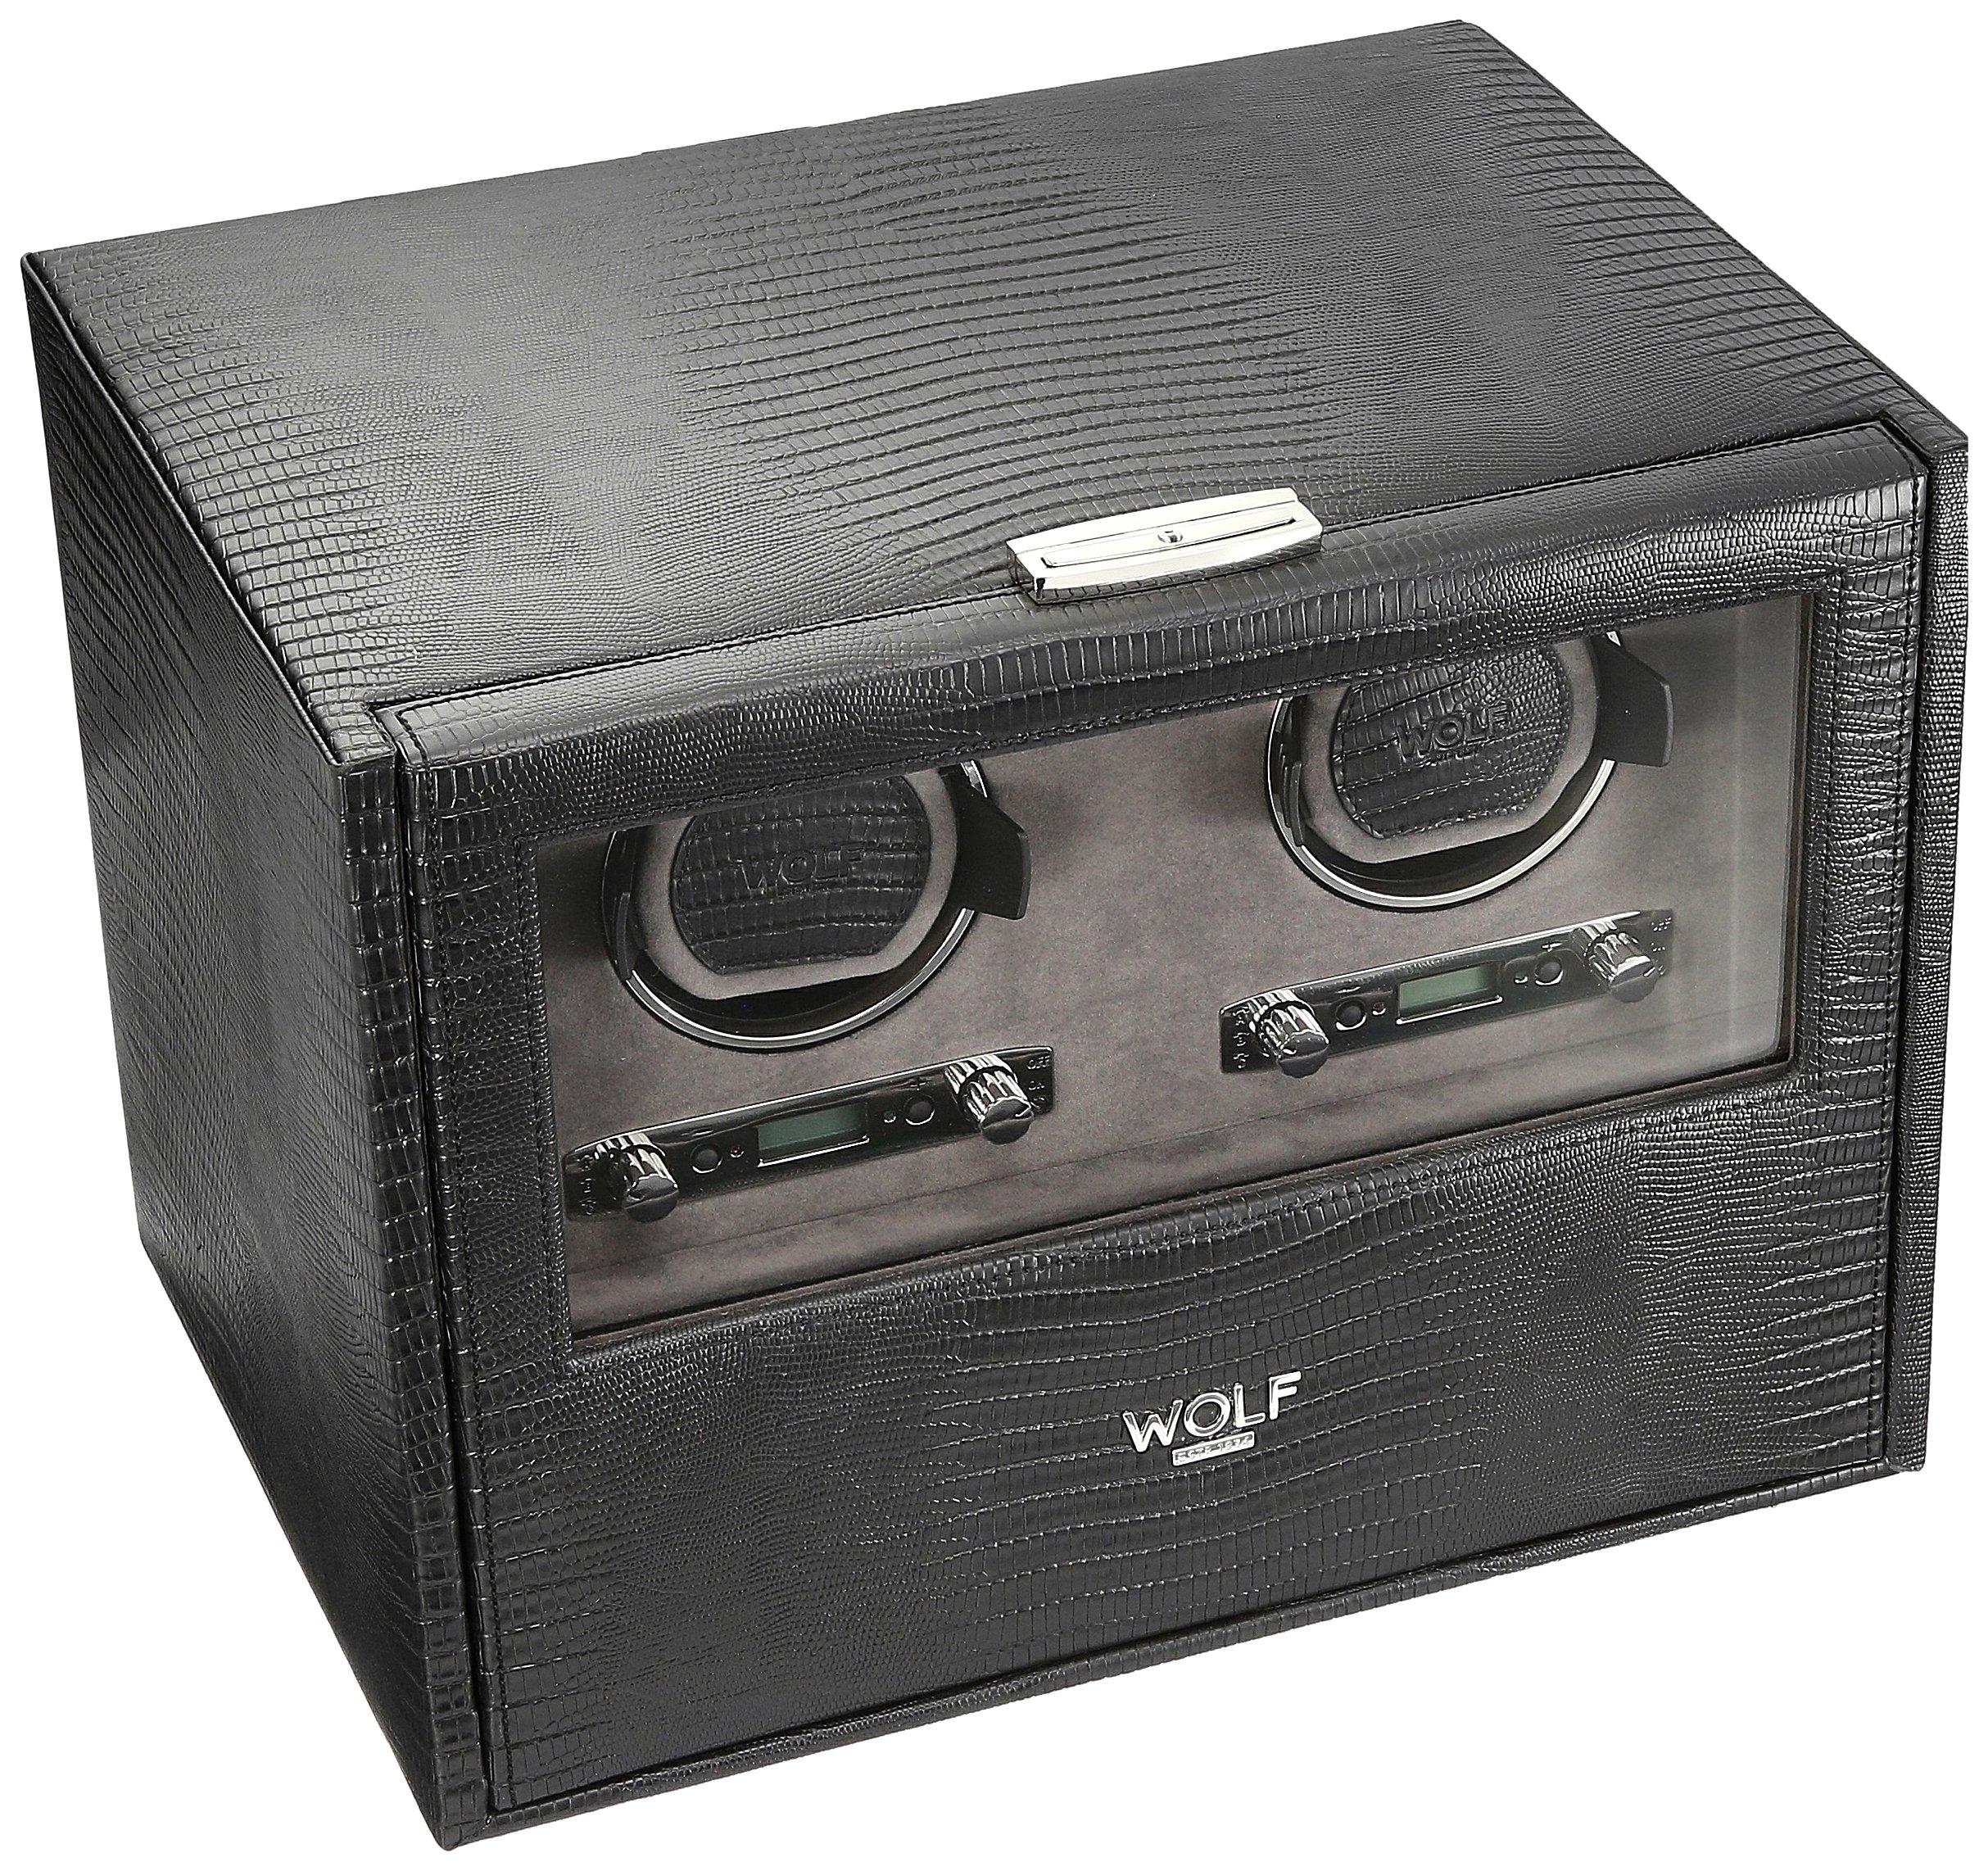 WOLF 460758 Blake Double Watch Winder with Storage, Black